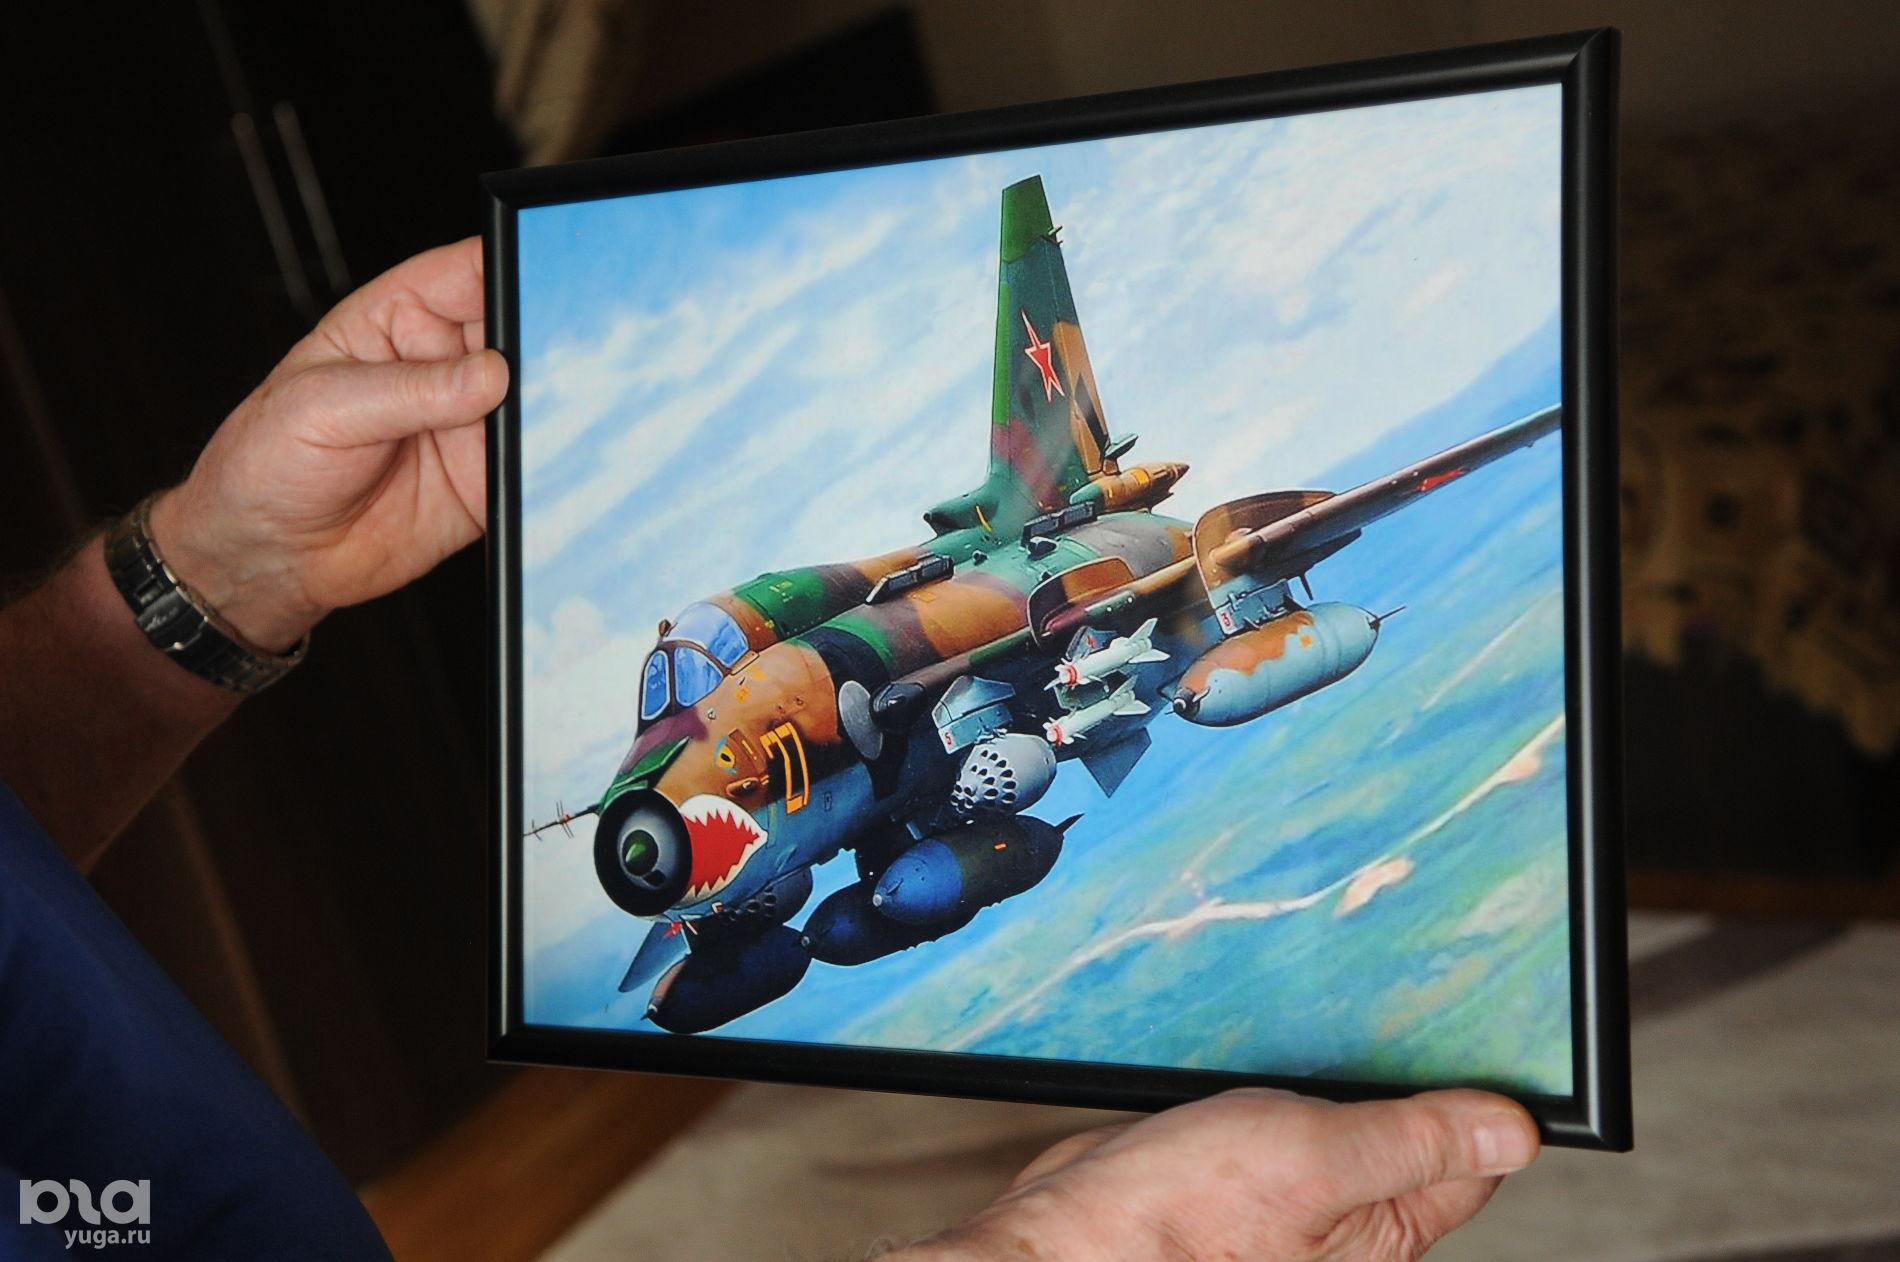 Самолеты Су-22 во многом решили ход гражданской войны в Анголе ©Фото Юга.ру